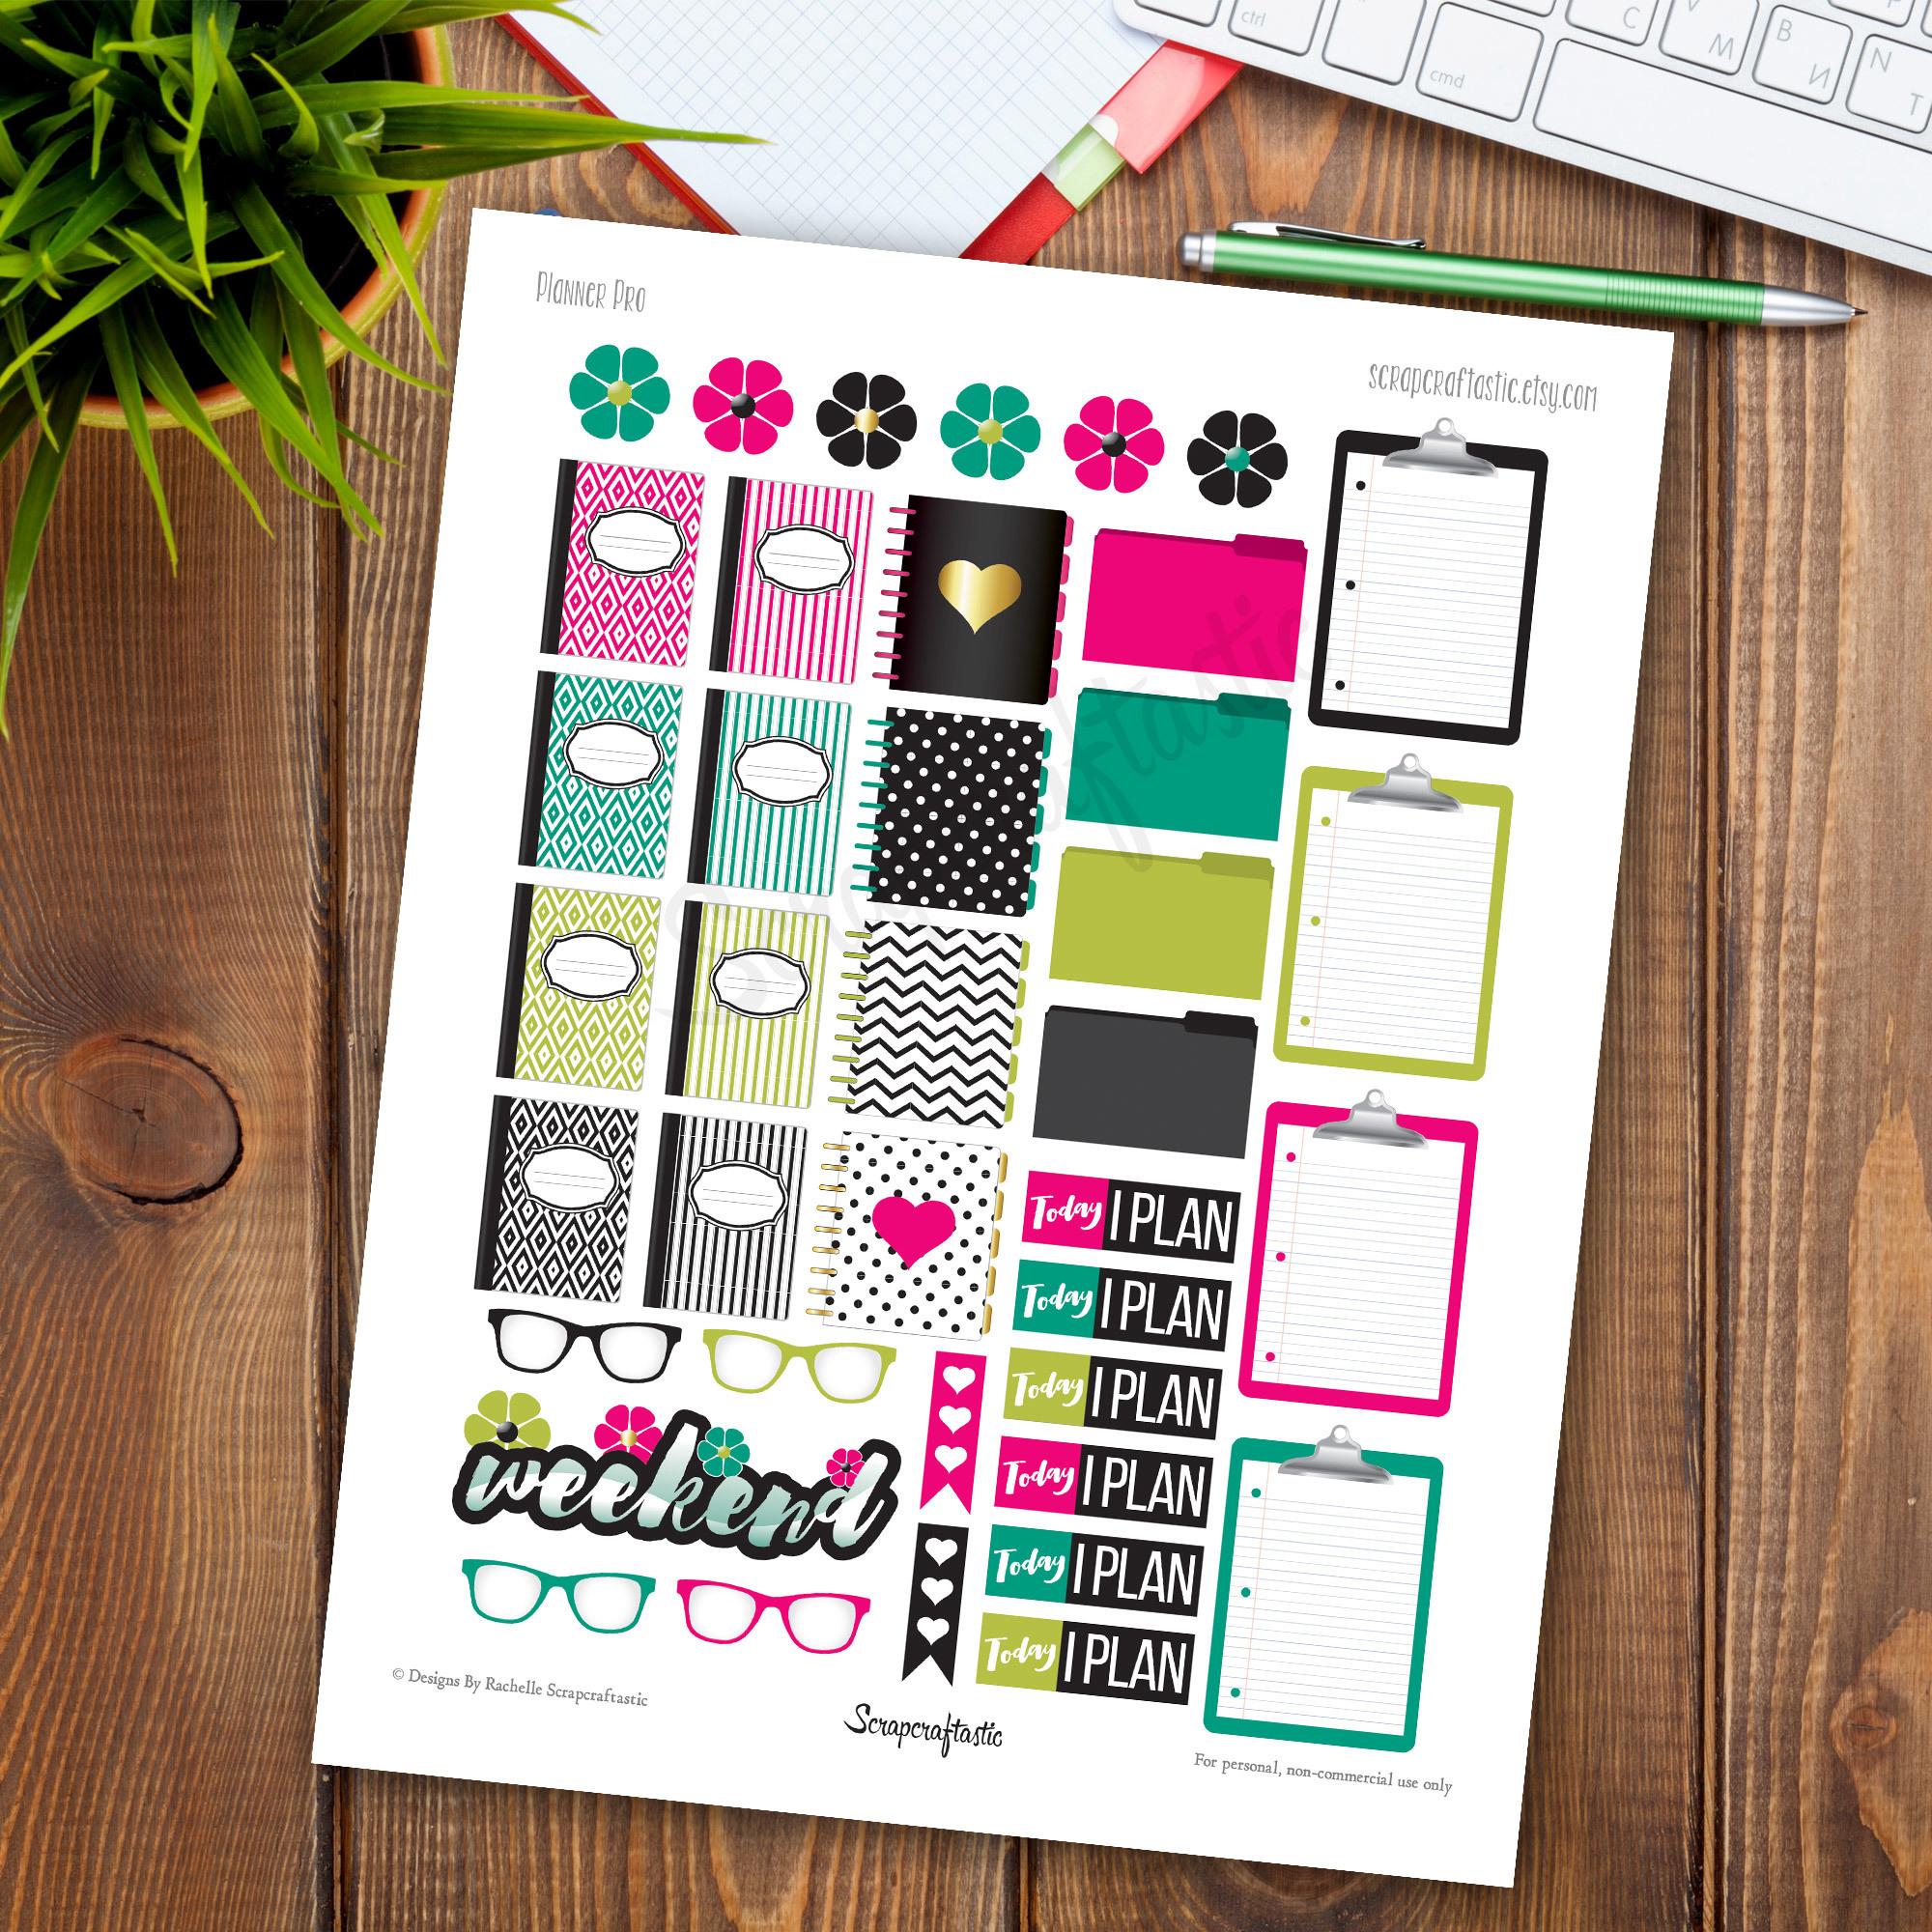 Planner Pro Printable Planner Stickers dbr_plannerpro